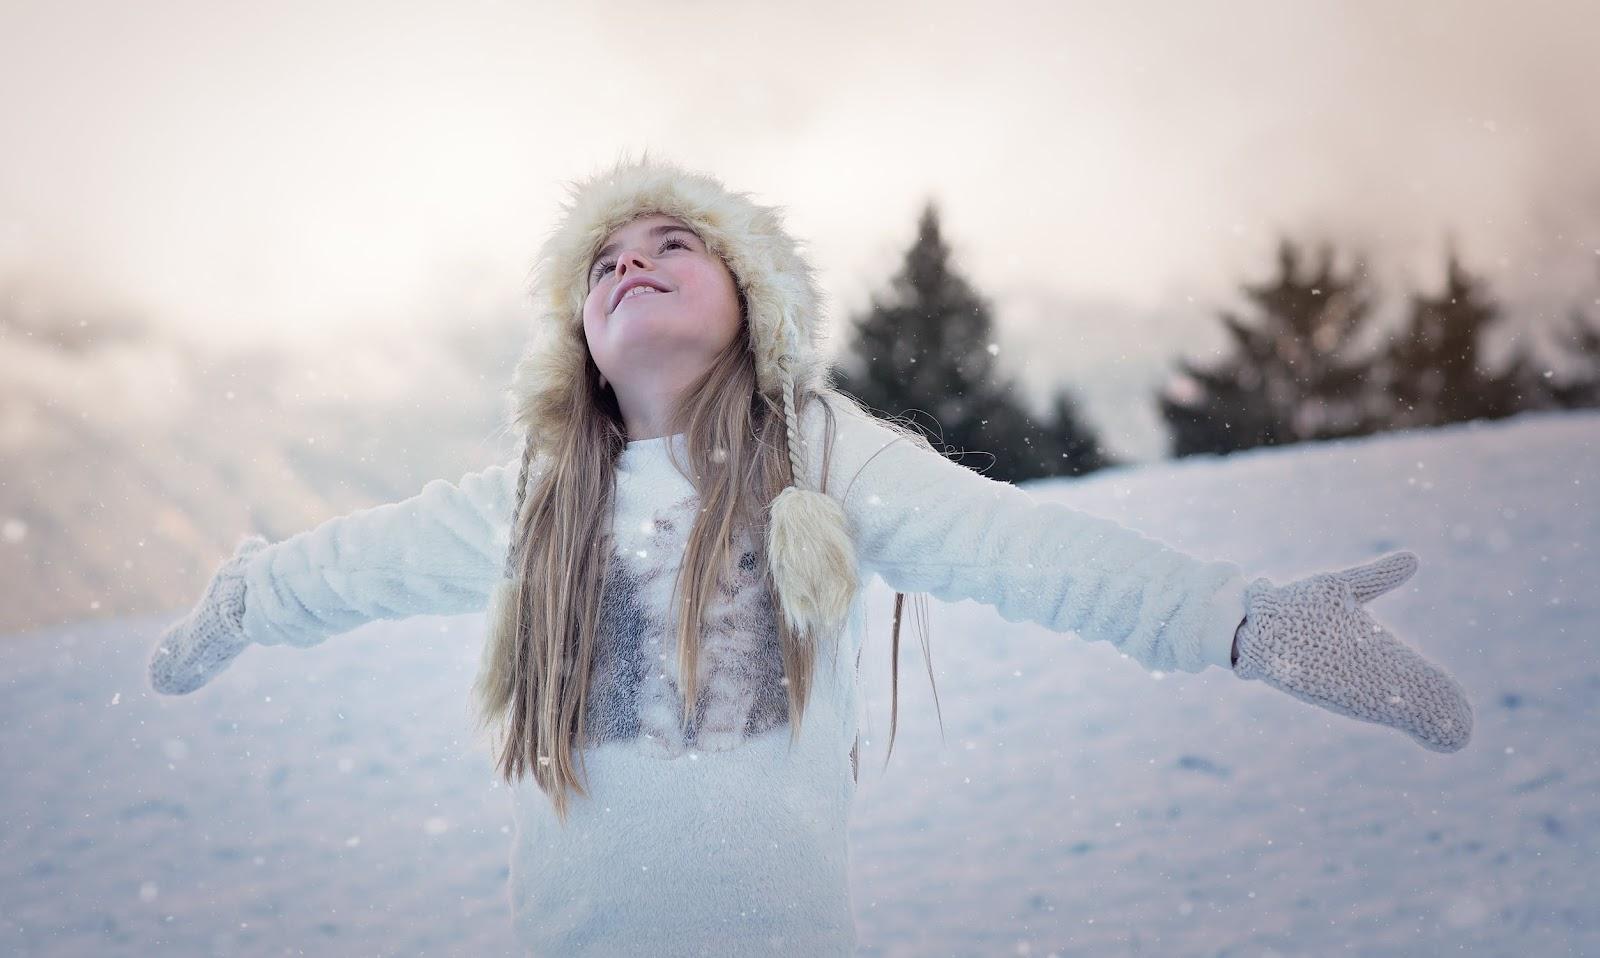 Trước khi tận hưởng niềm vui trượt tuyết, hãy chuẩn bị đồ đạc của riêng bạn